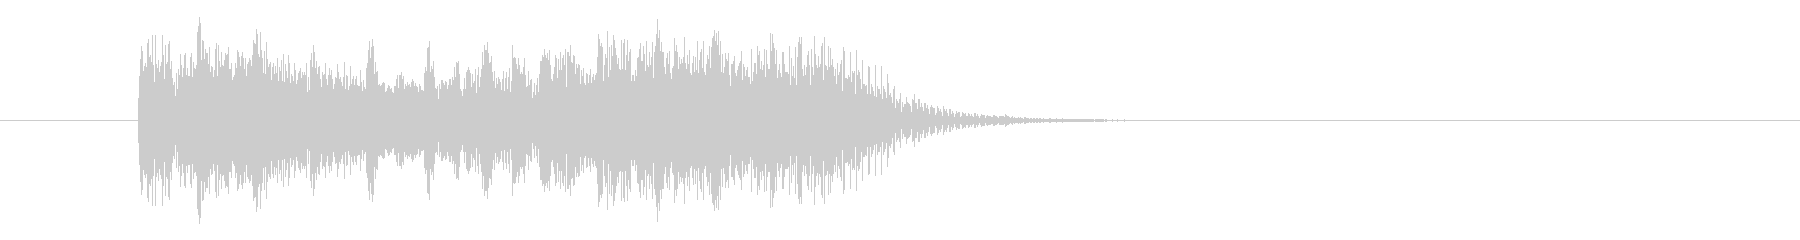 激しく疾走感のあるシンセテクノ(短め)の未再生の波形